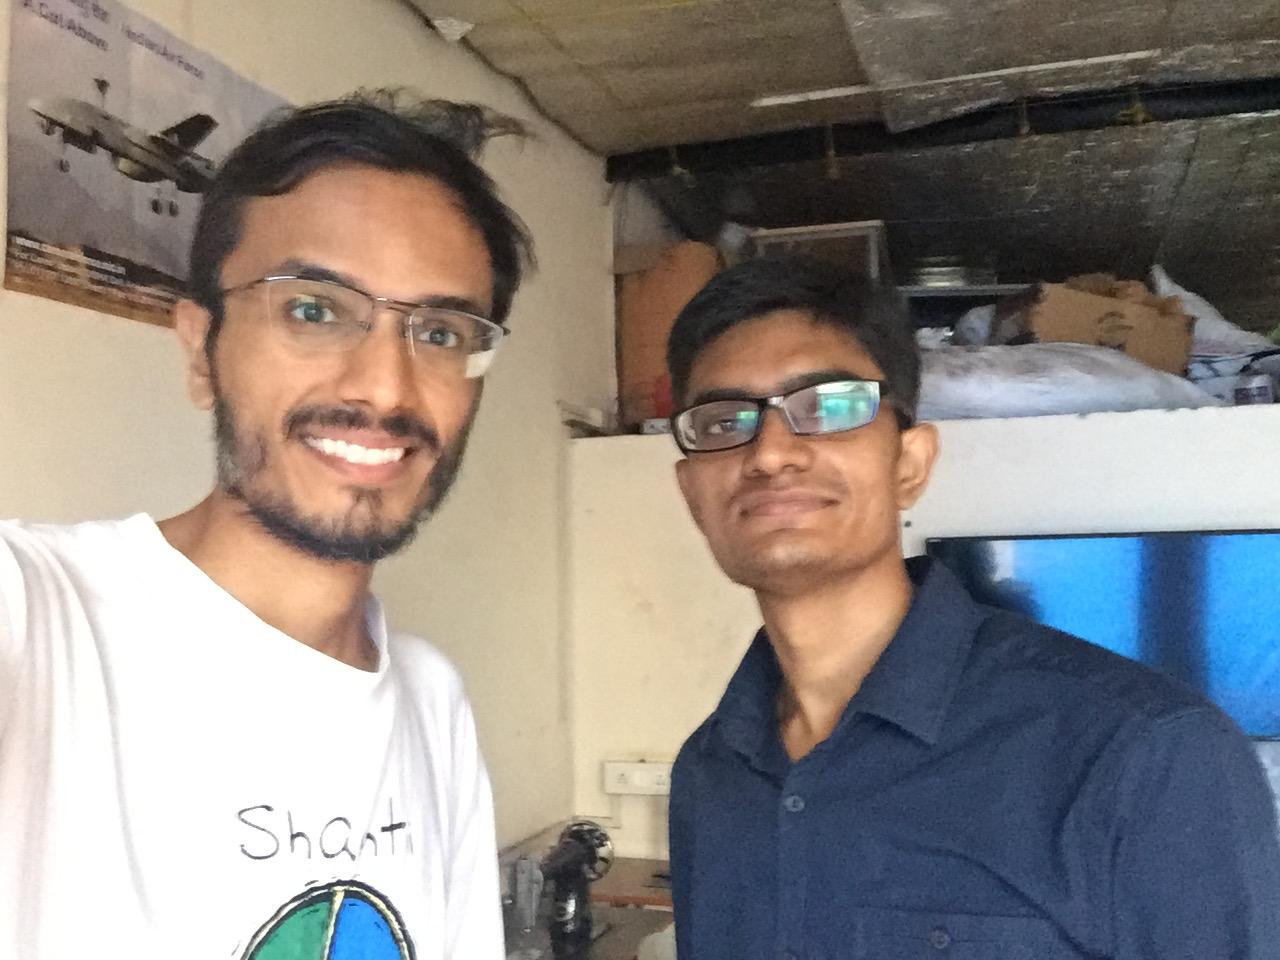 Mumbai (Powai) SHG – July 7